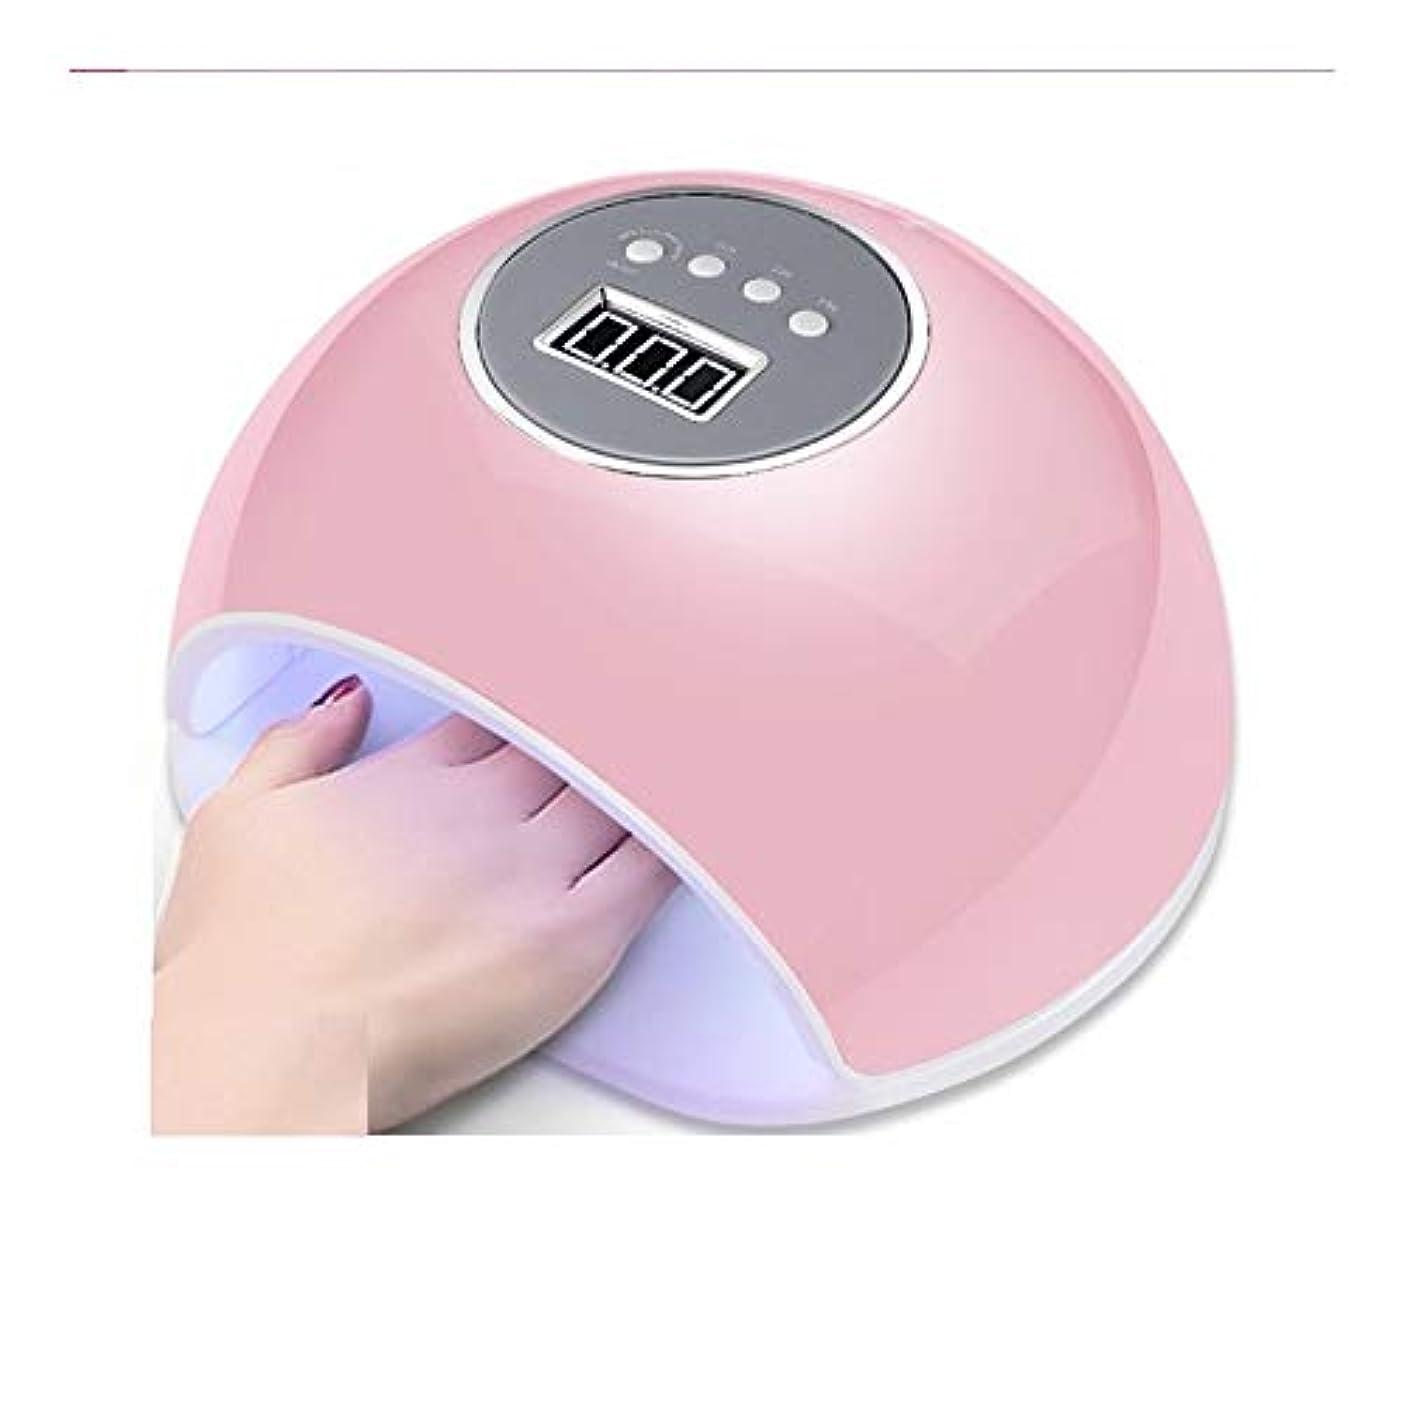 誇張する調停者染色LittleCat ネイルツールUVLEDユニット72WネイルUVランプネイルポリッシュデュアル光源ランプベーキングゴム四スピードセンシングタイミング (色 : Pink beauty)